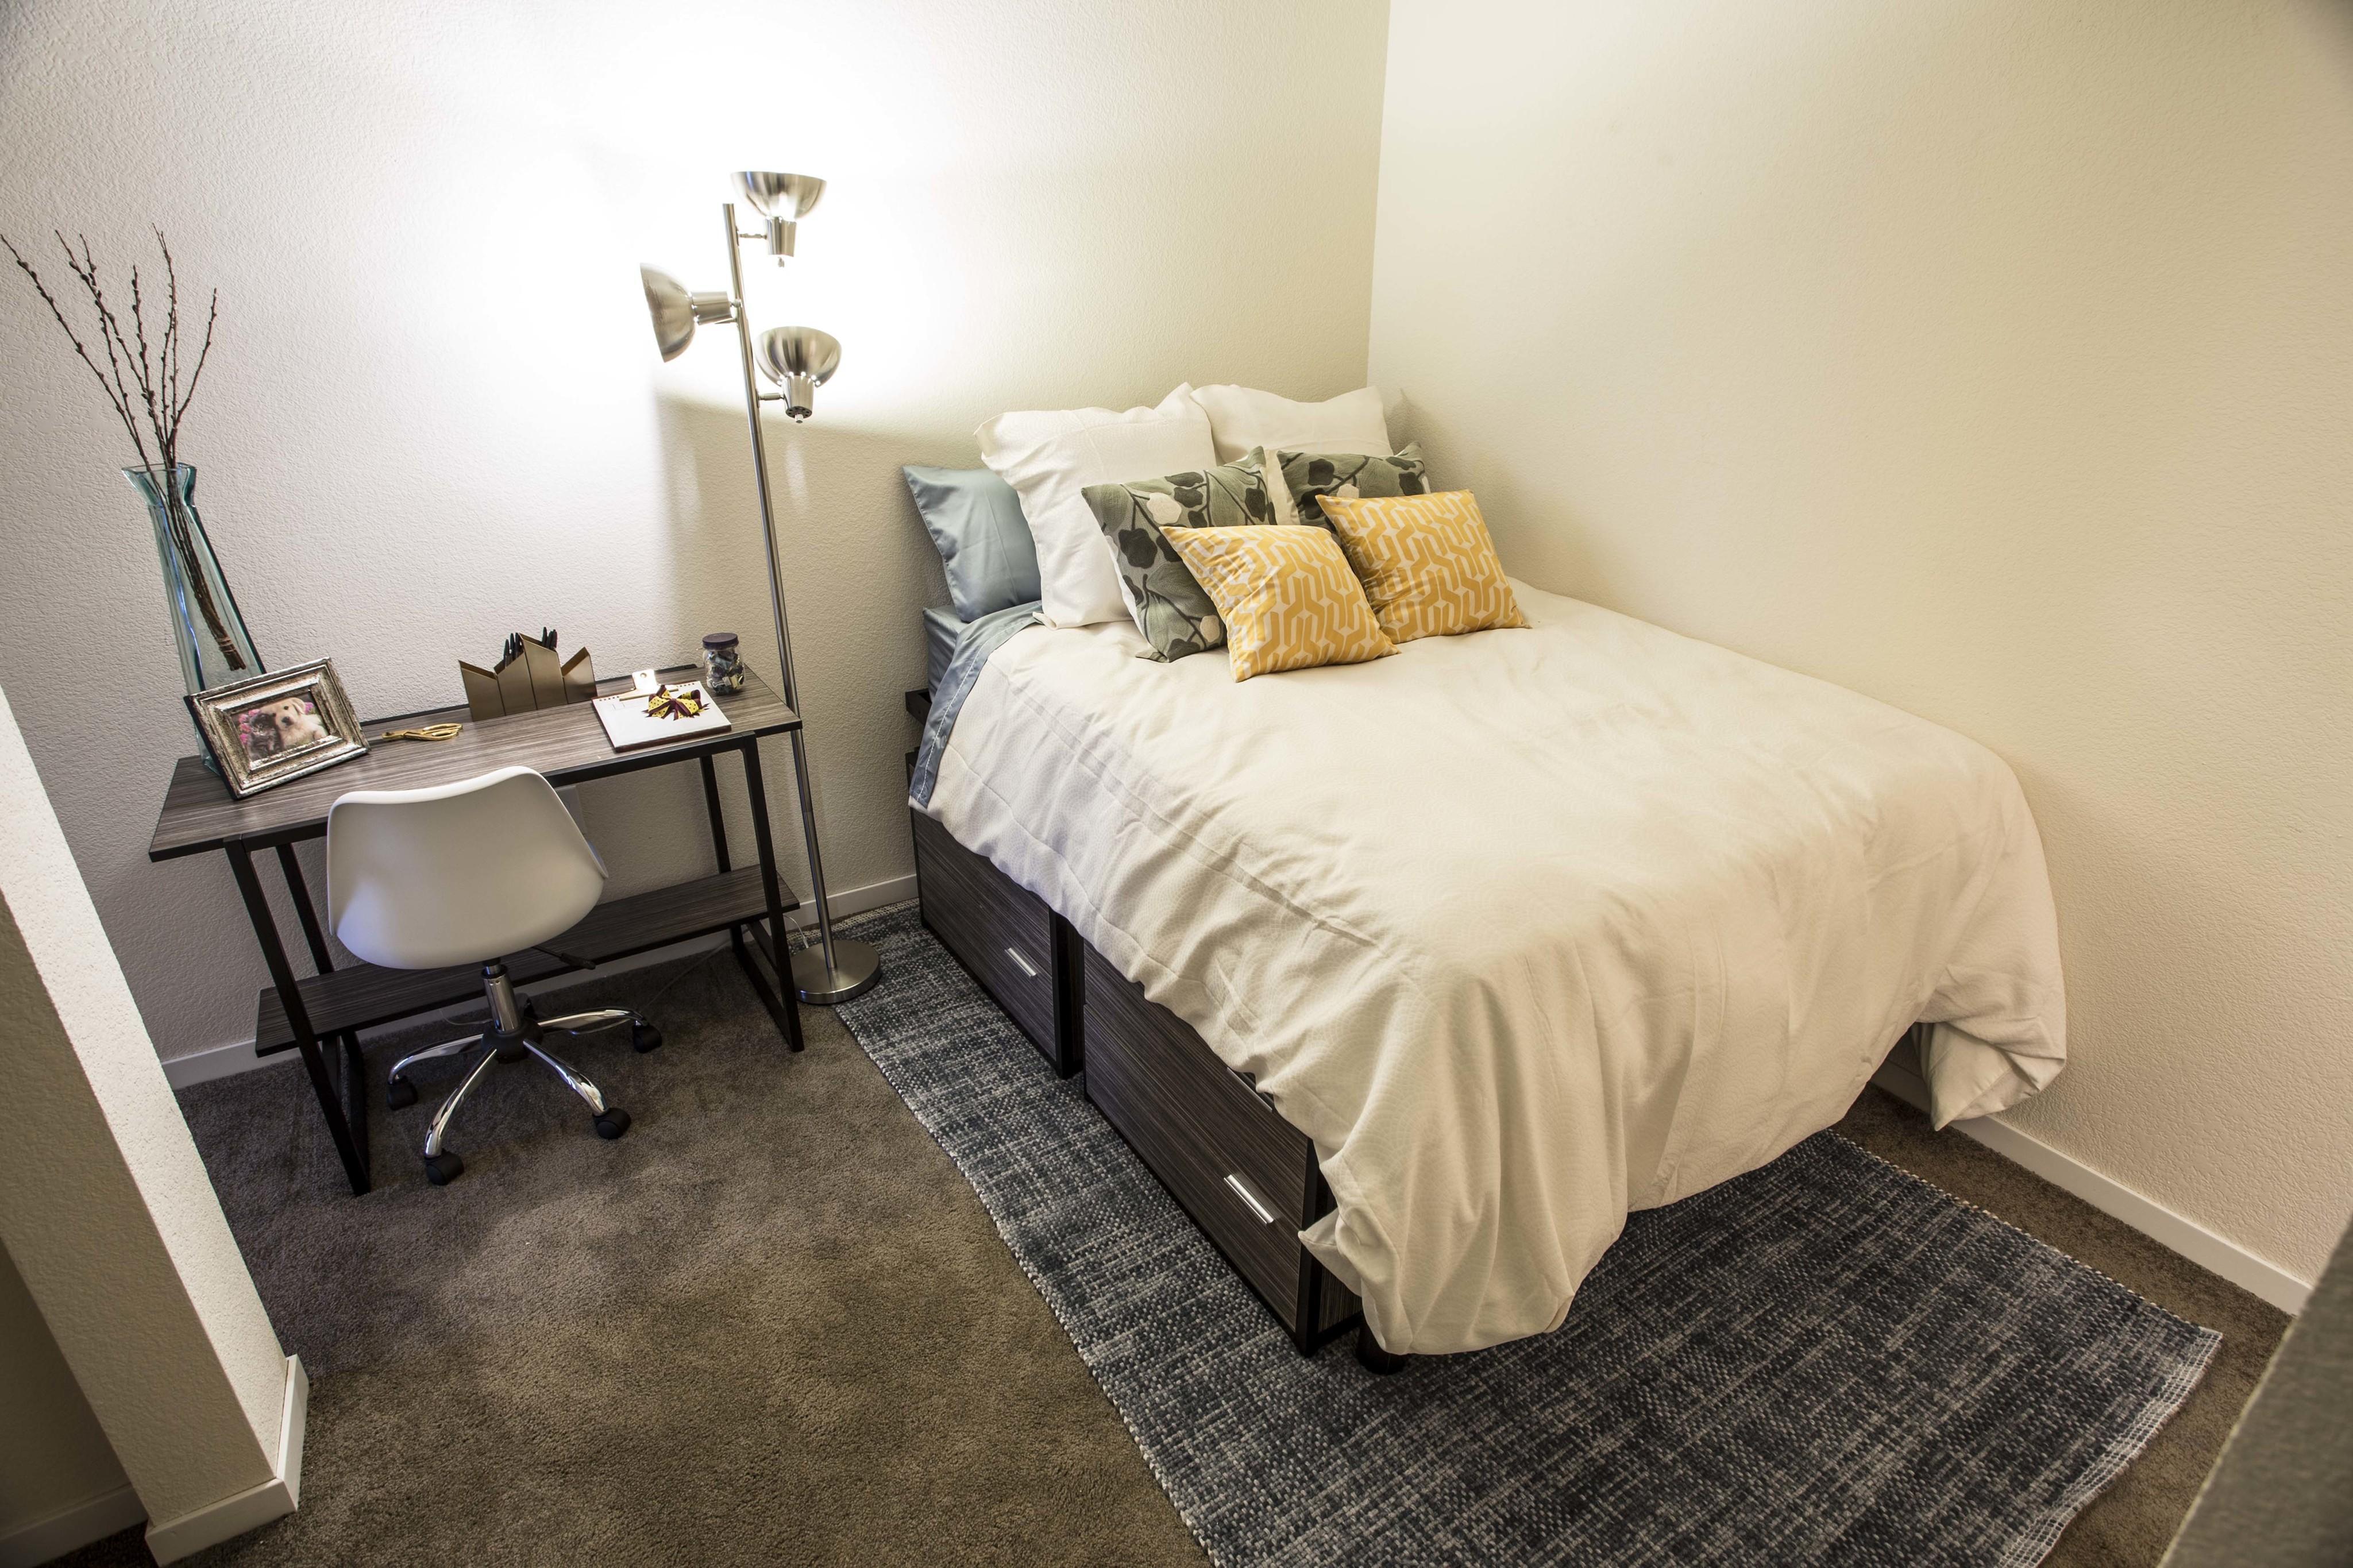 WaHu Apartments image 5